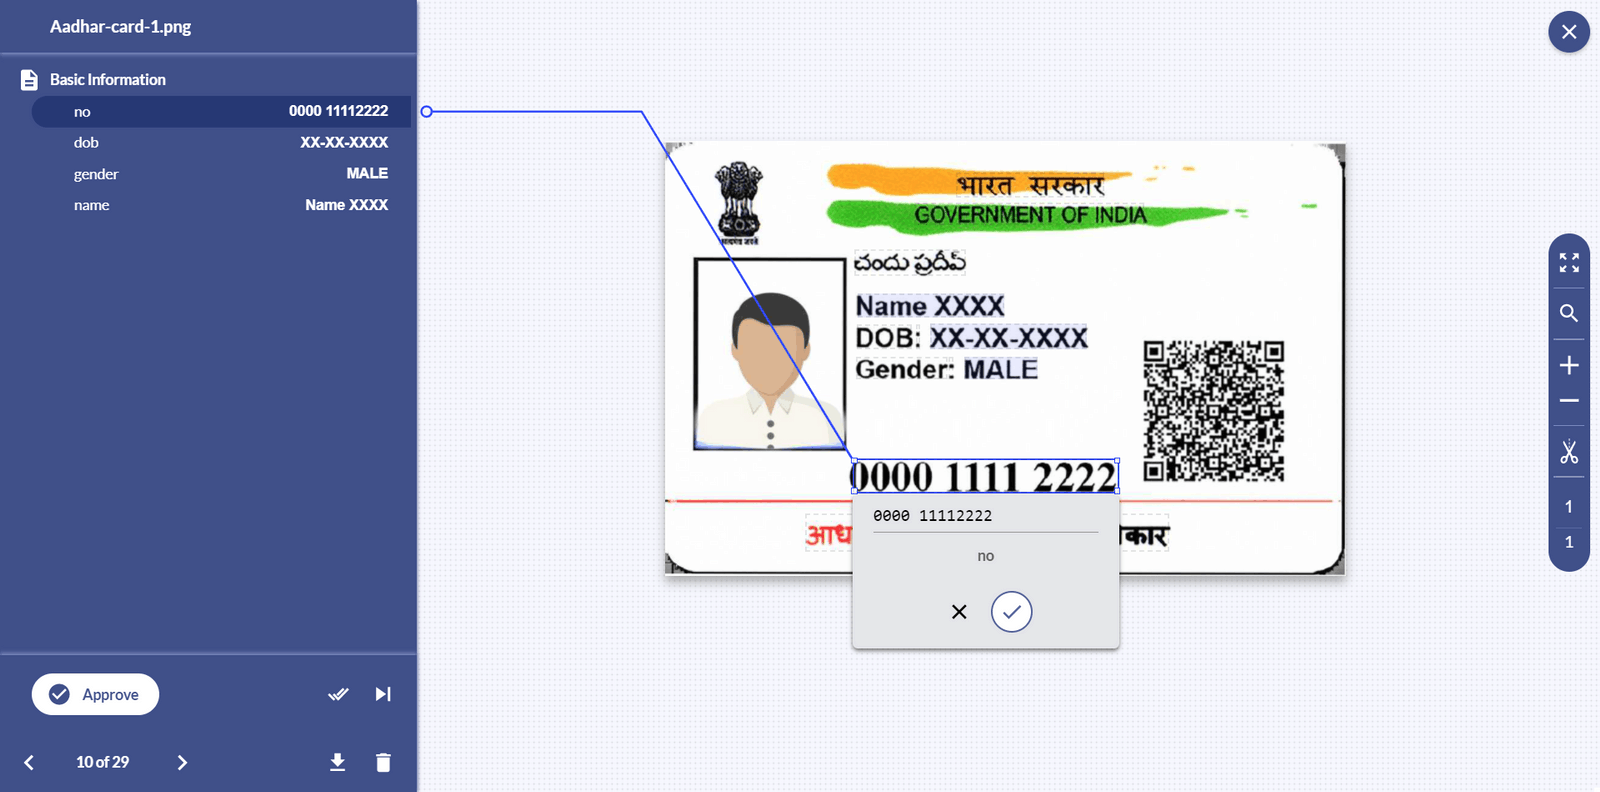 data extraction from aadhaar card